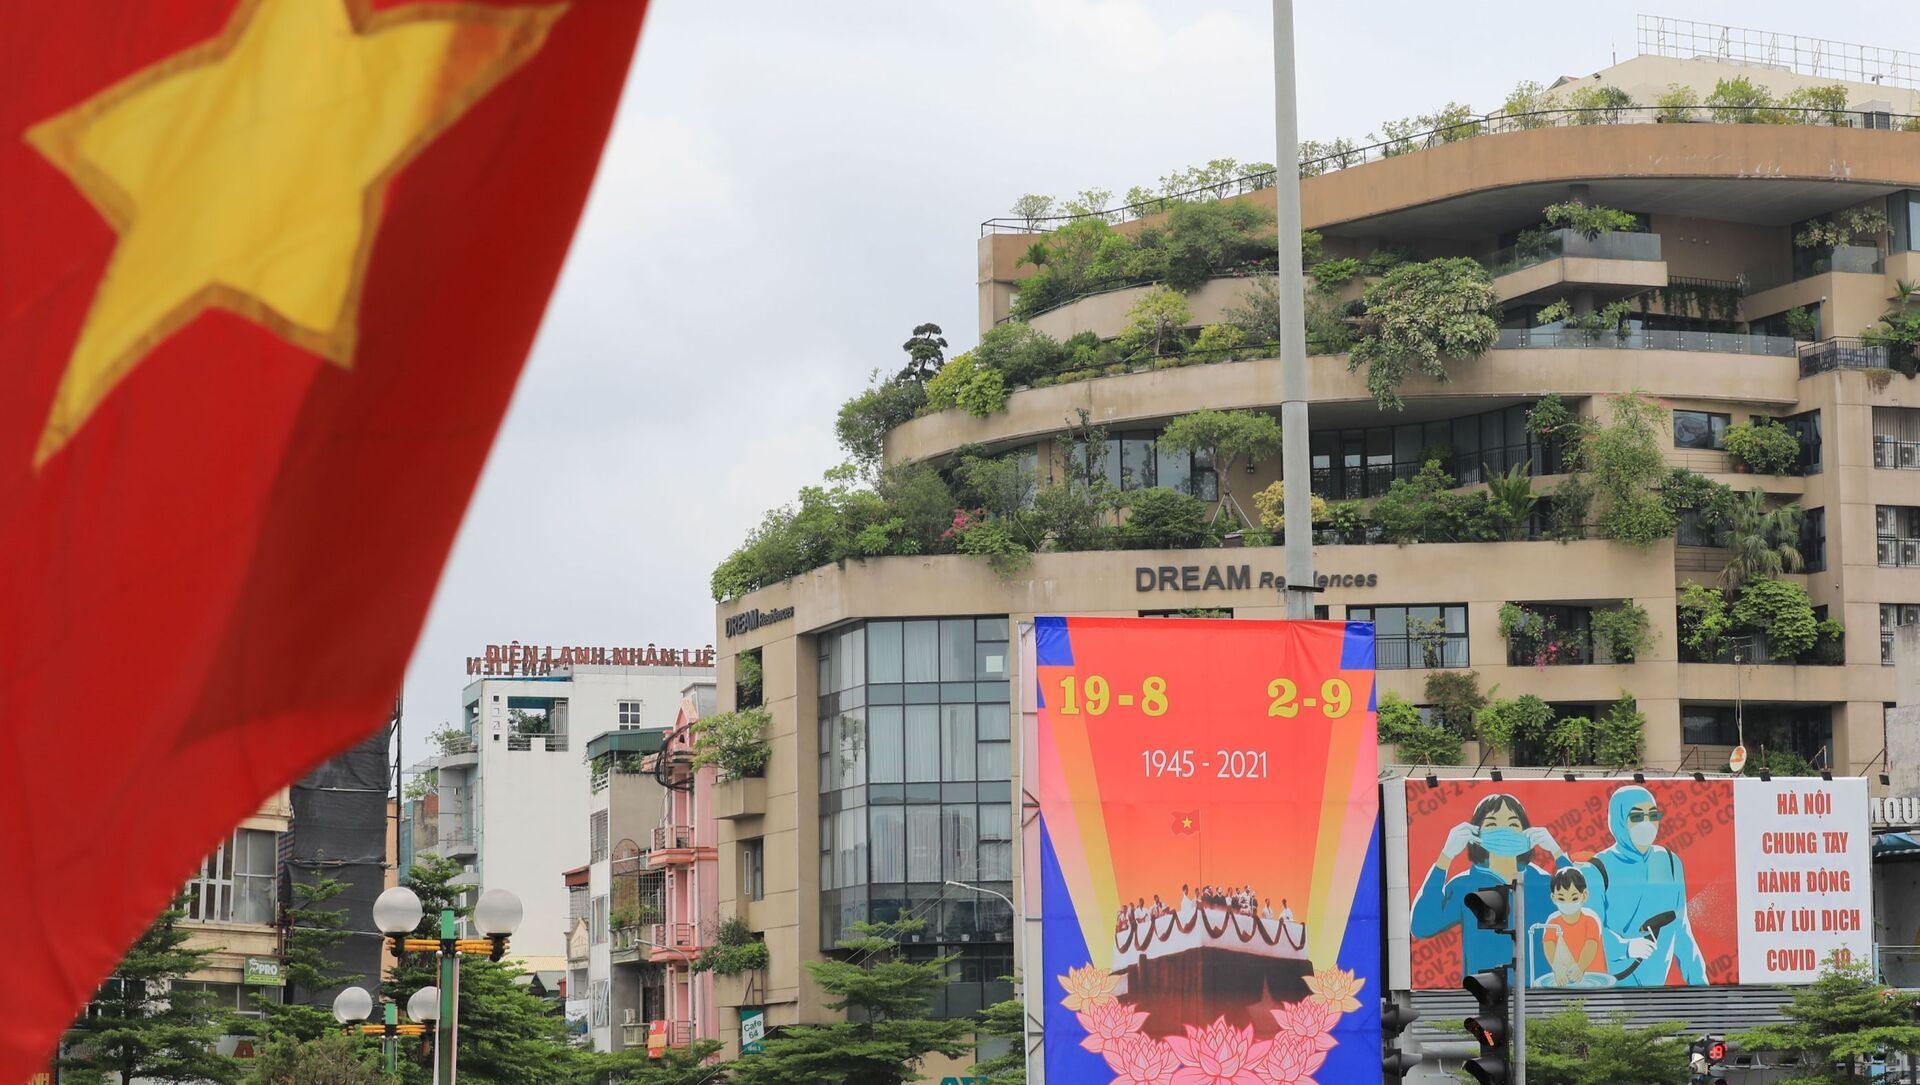 Tranh cổ động nhân lên lòng tự hào dân tộc trong ngày Quốc khánh. - Sputnik Việt Nam, 1920, 02.09.2021